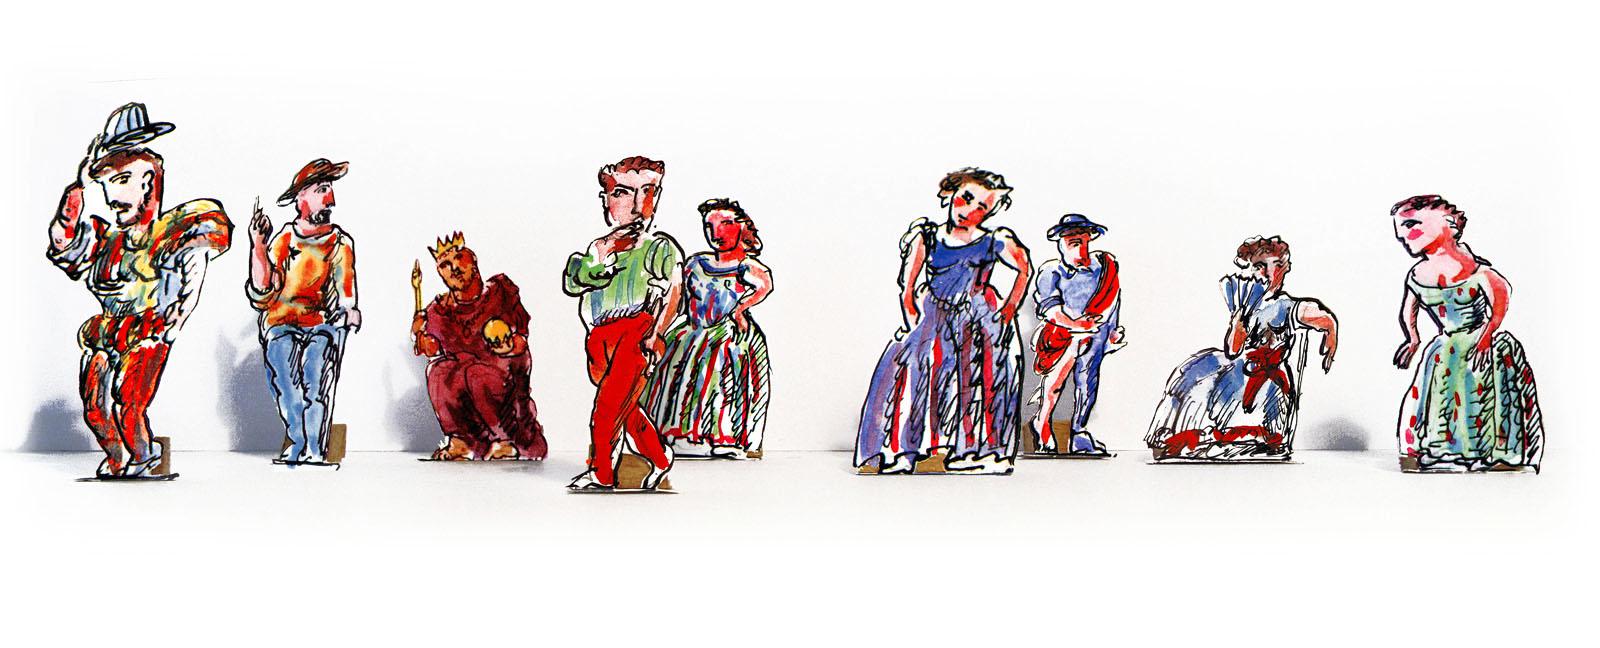 danielvillalobos-toytheater-prezvillalta-almagro-corraldecomedias-2